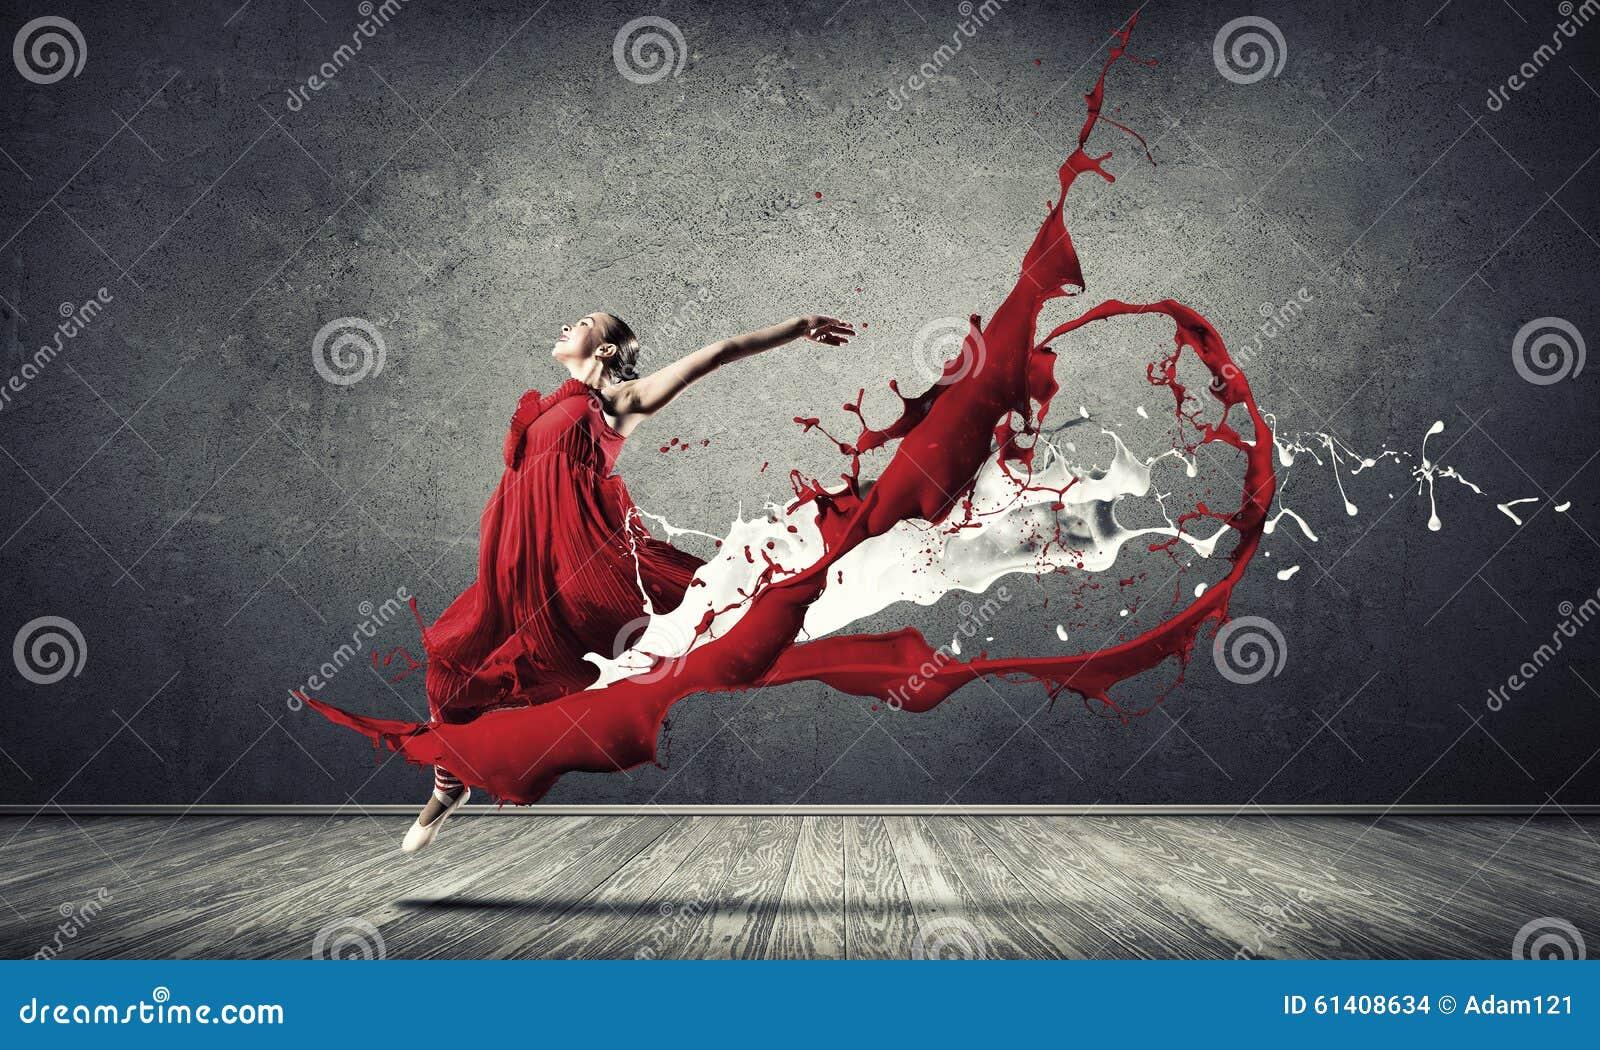 Tanz mit Leidenschaft